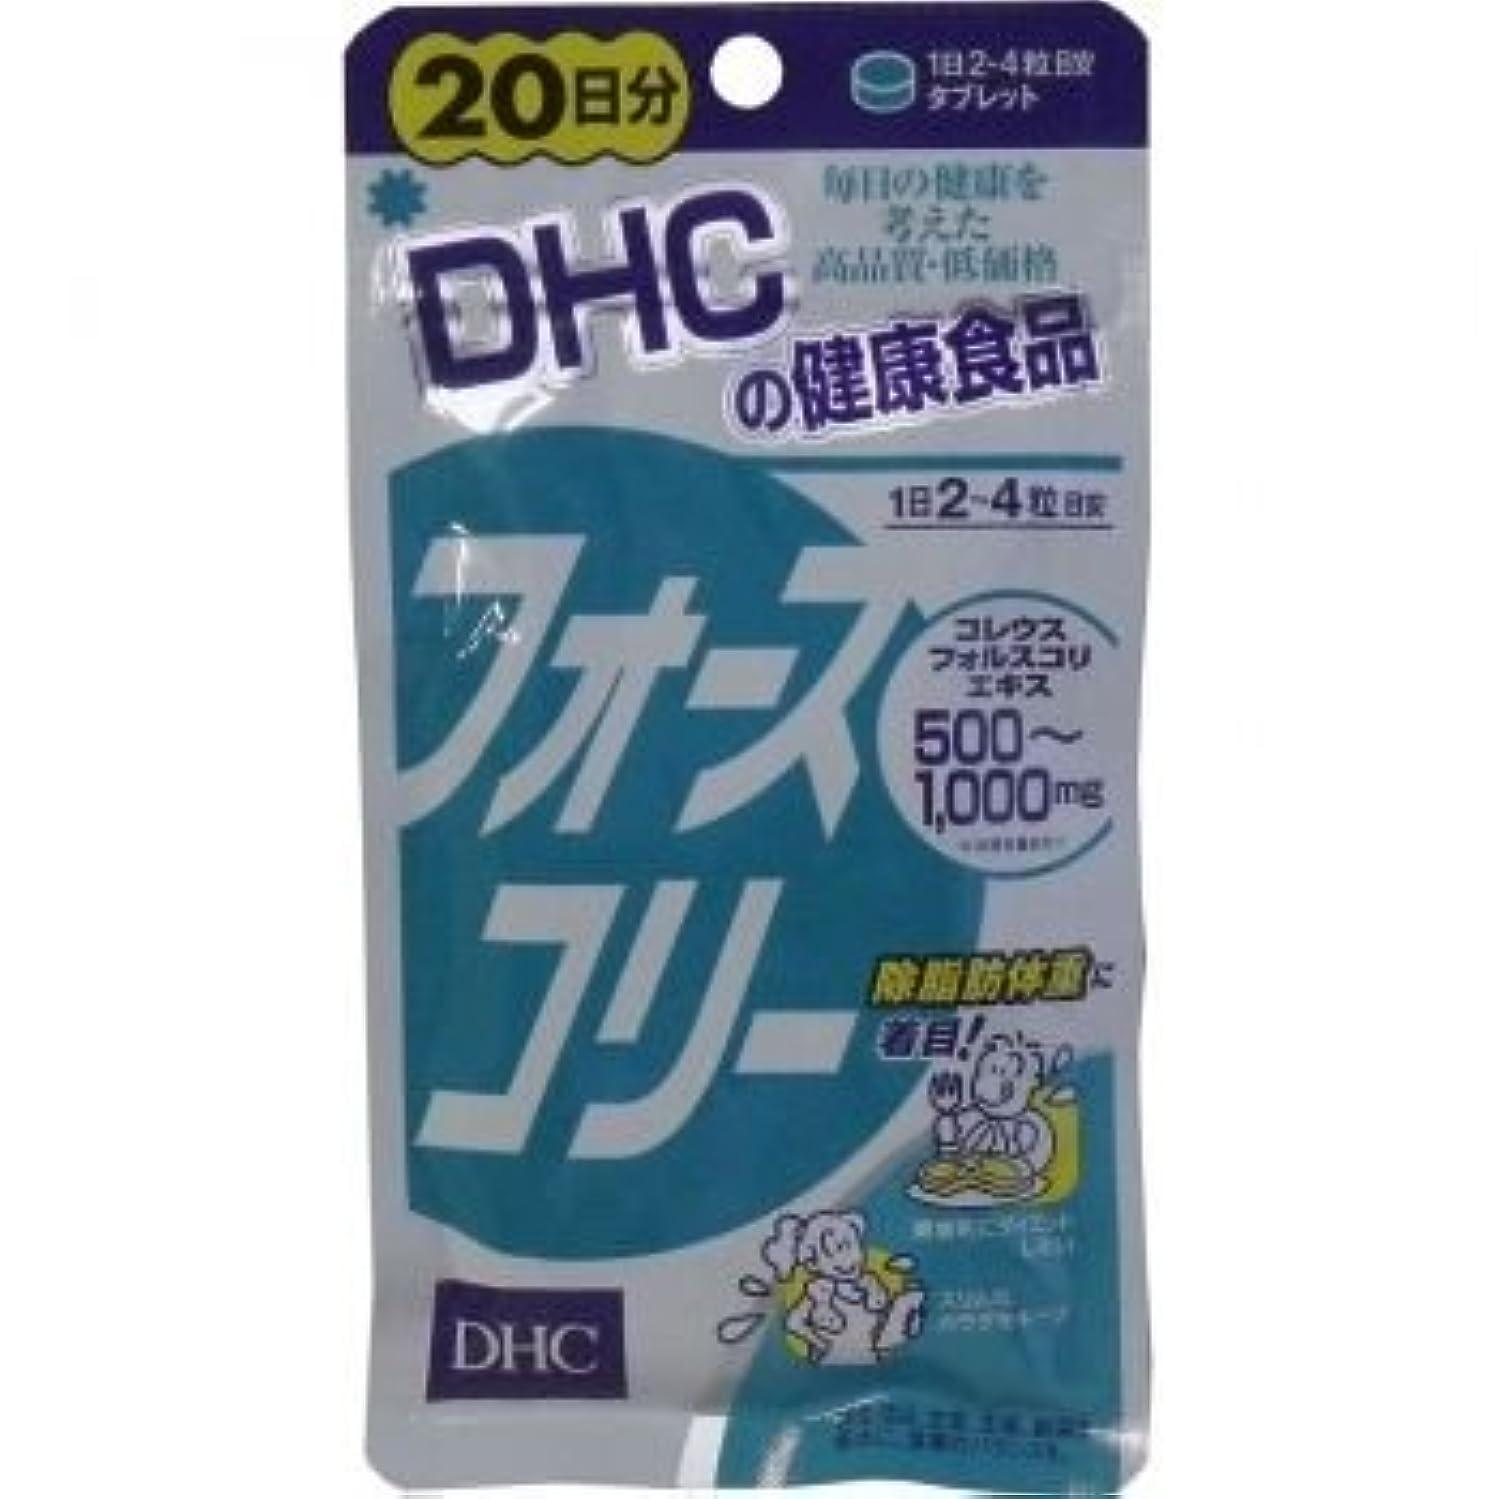 玉心配する電話に出るスッキリボディをめざしたい!「フォースコリー」は、除脂肪体重(LBM)に着目した、DHCの大人気ダイエットサプリ!フォースコリー 80粒 20日分